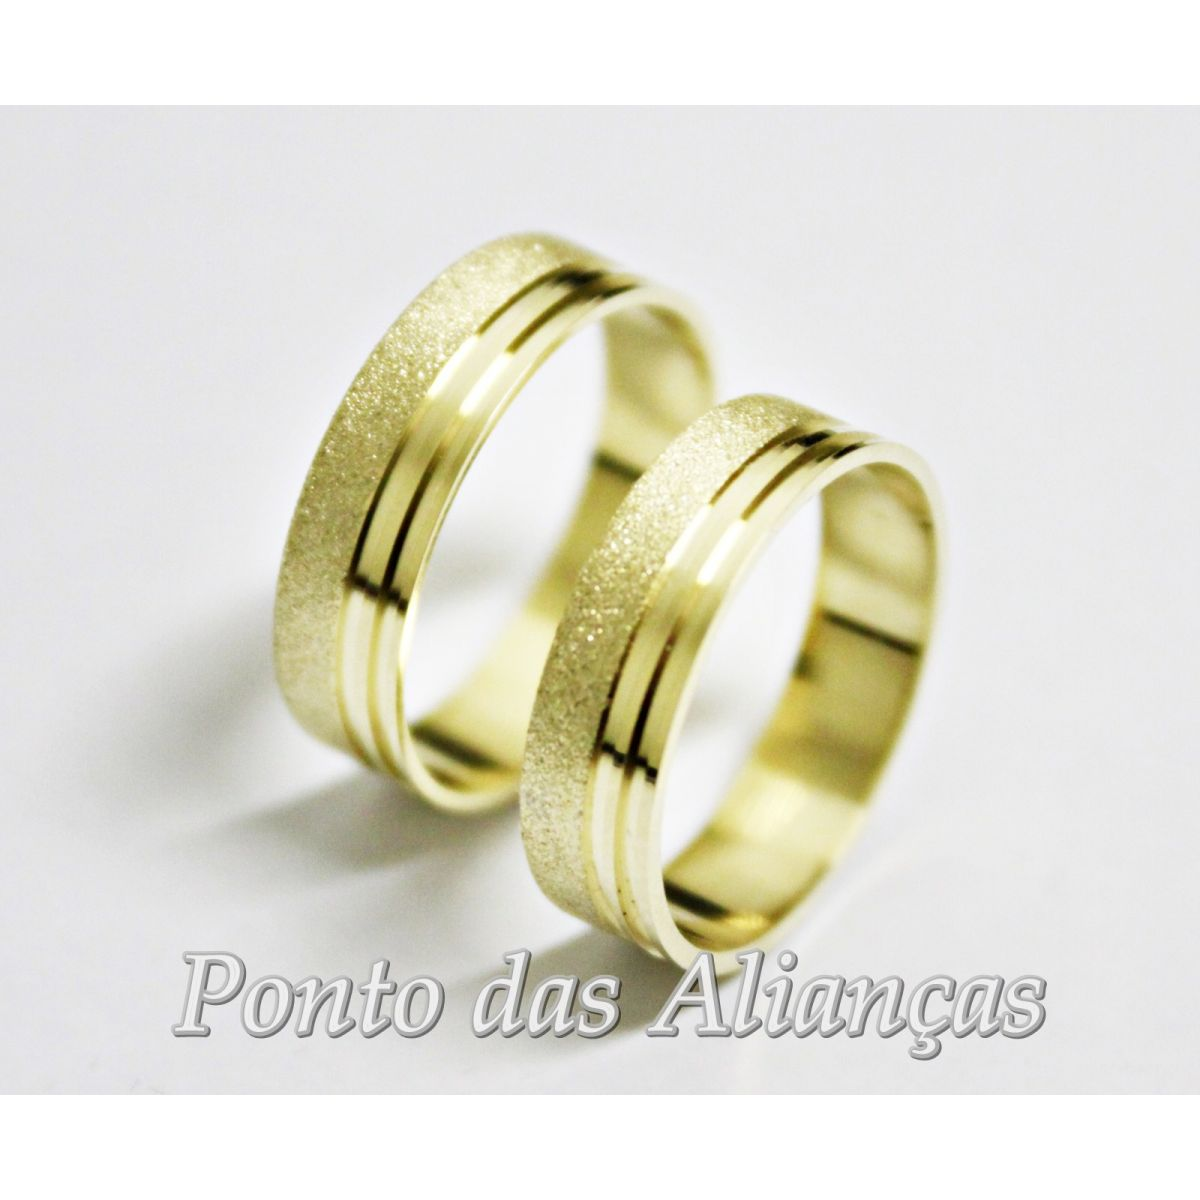 Alianças de Ouro Casamento ou Noivado  - 550